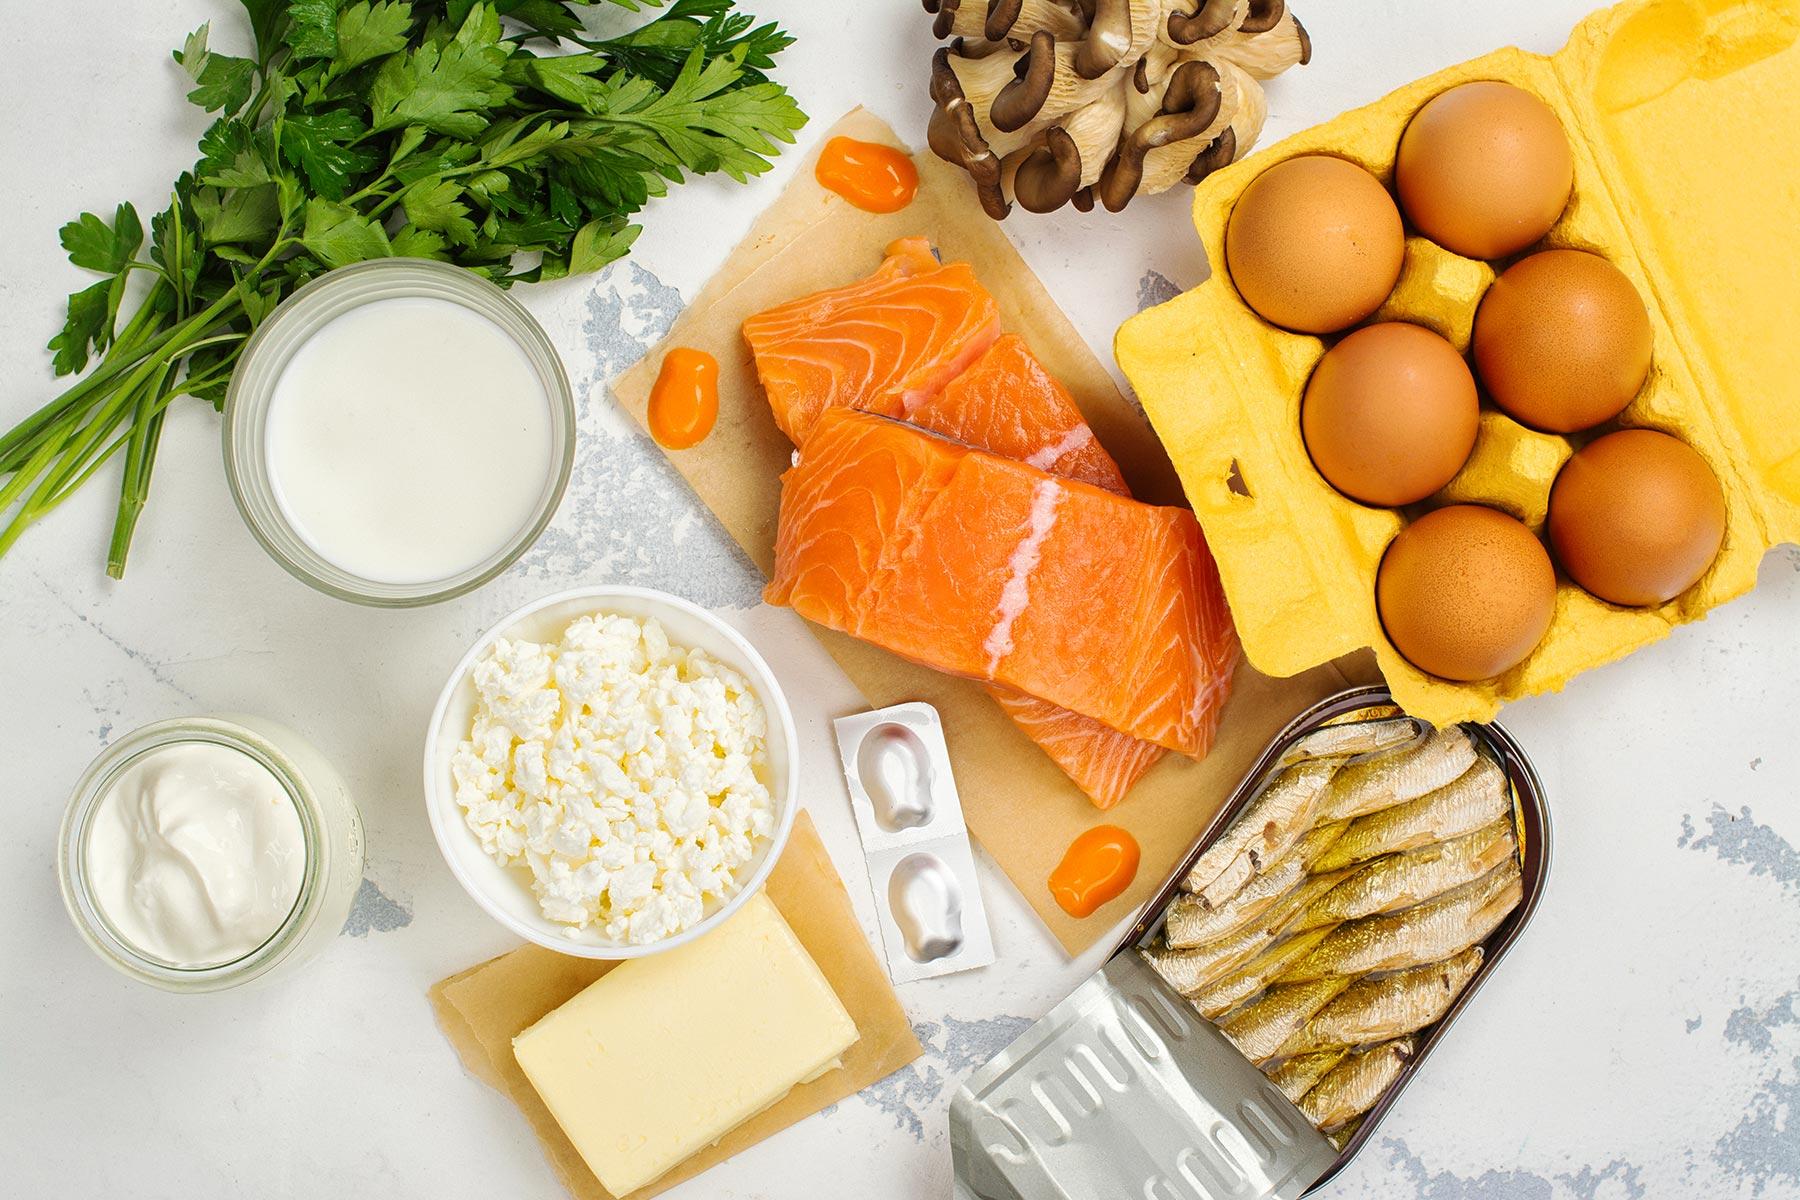 الحمية الغذائية المناسبة لمرضى الربو - هل توجد علاقة بين الربو ونوع الغذاء - مرضى الرّبو Asthma عن الأطعمة وأنماط الحمية الغذائية التي قد تحسن حالتهم الصحية